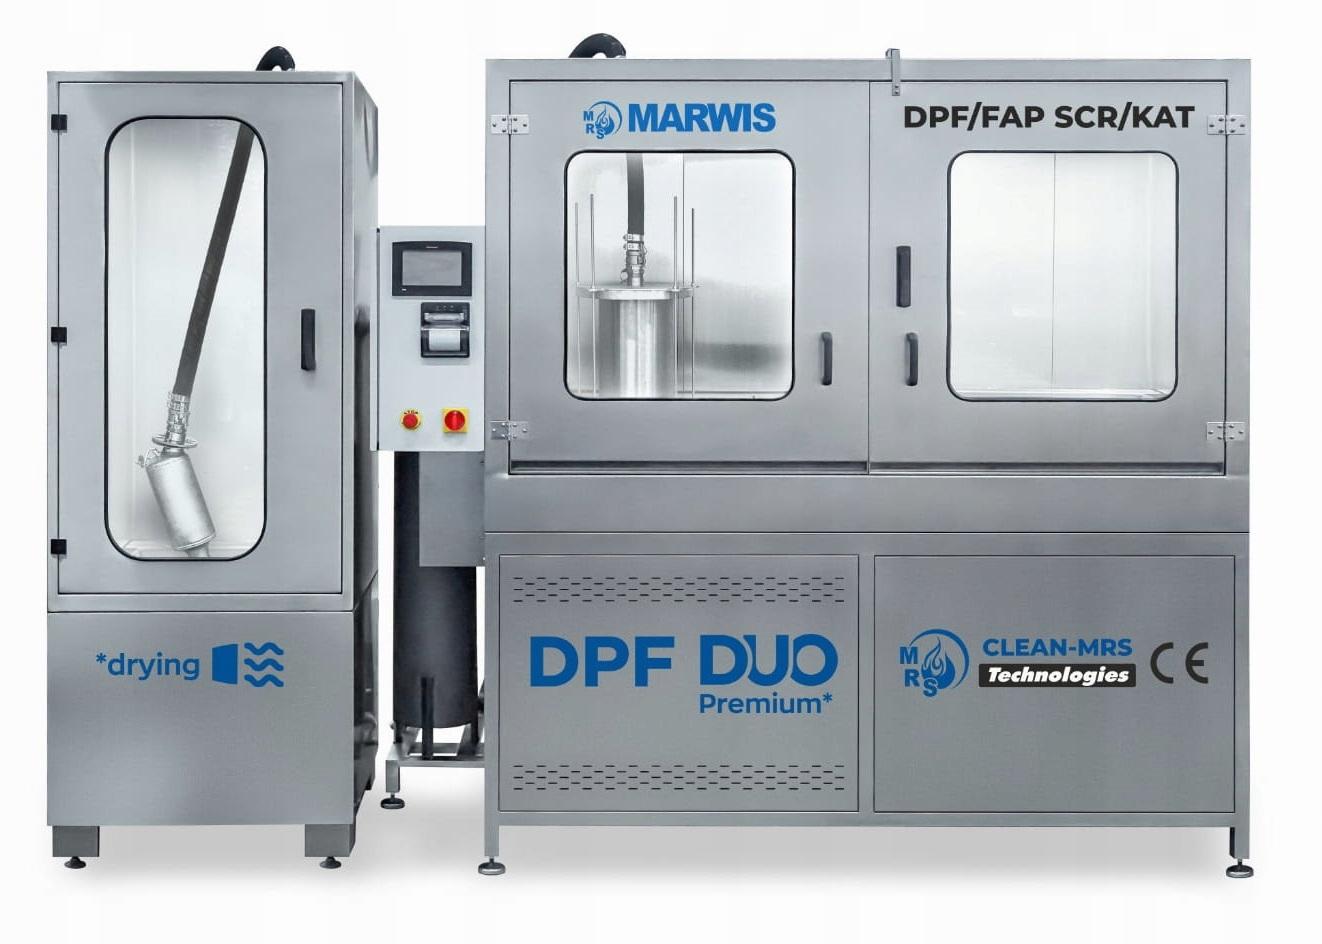 машина к мойки фильтры dpf duo премиум новинка